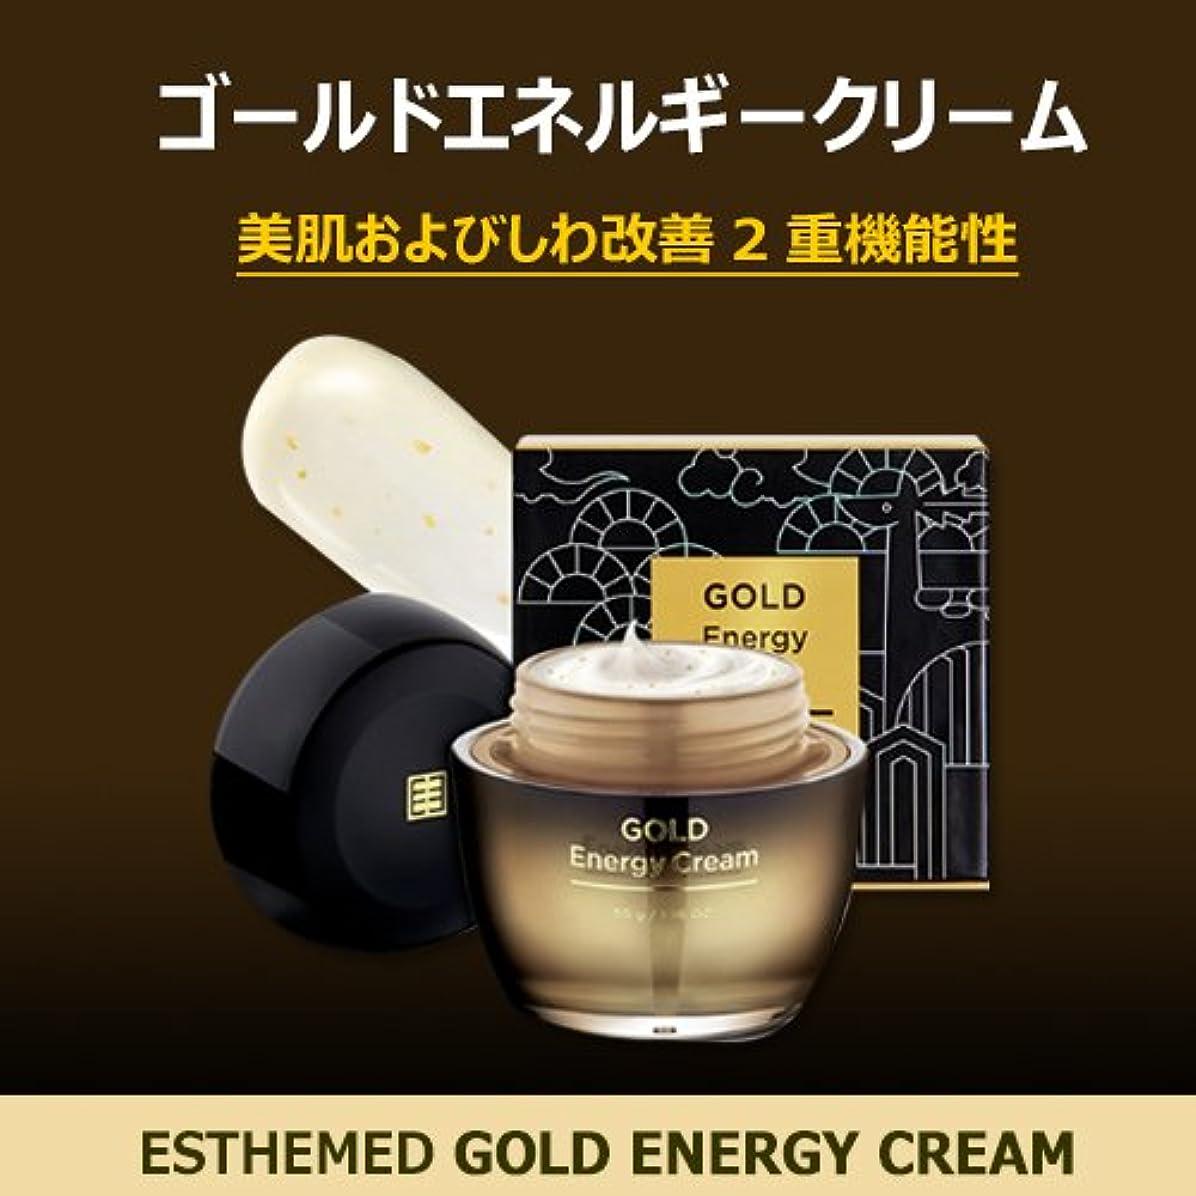 揮発性同化するのESTHEMED エステメド ゴールド エネルギー クリーム GOLD Energy Cream 50g 【 シワ改善 美肌 保湿 回復 韓国コスメ 】